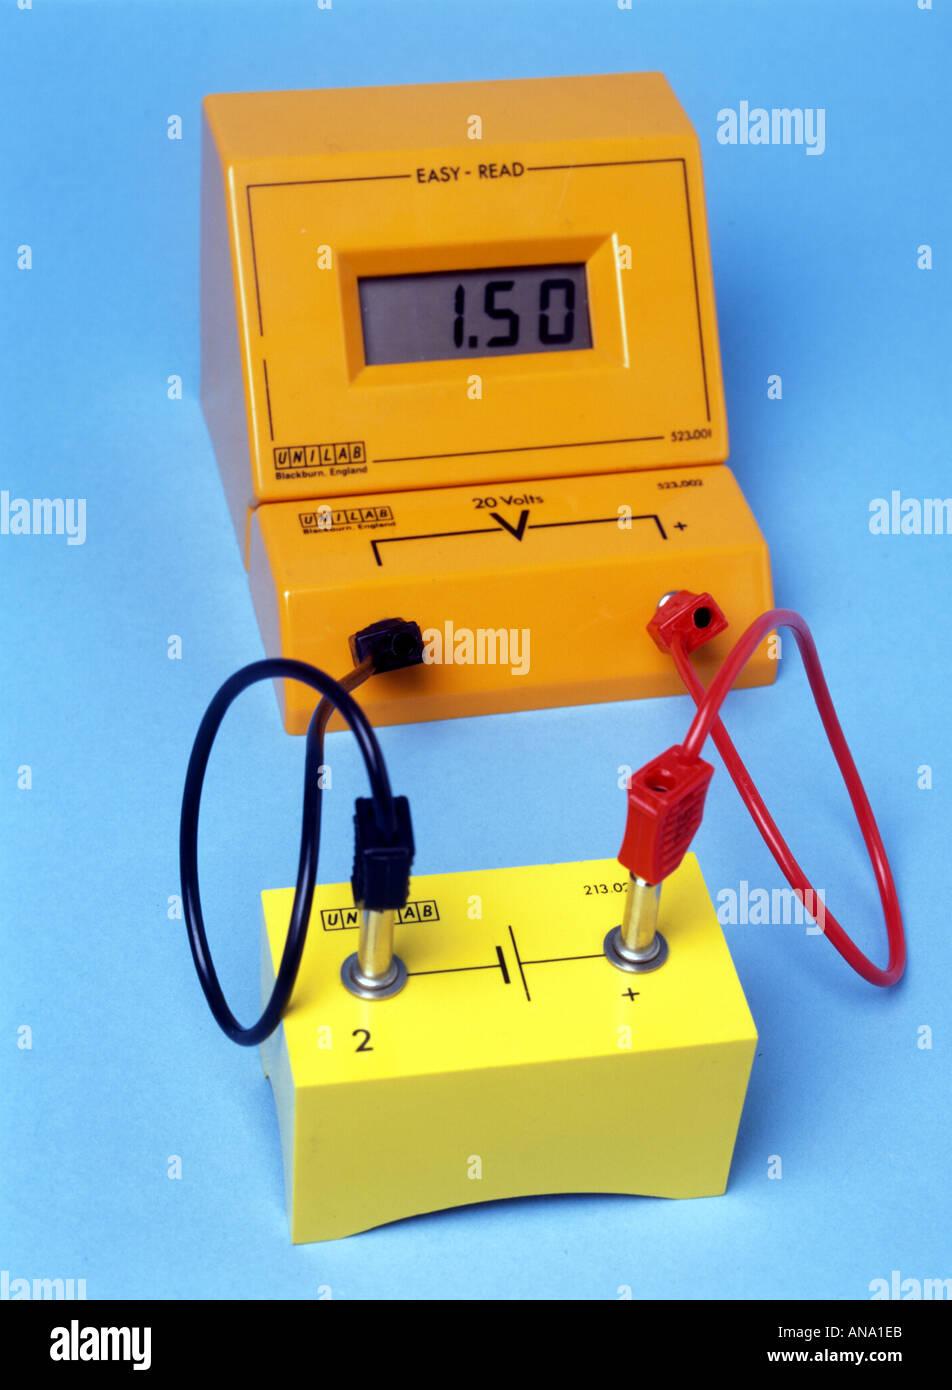 Voltmètre numérique à 15 volts Photo Stock